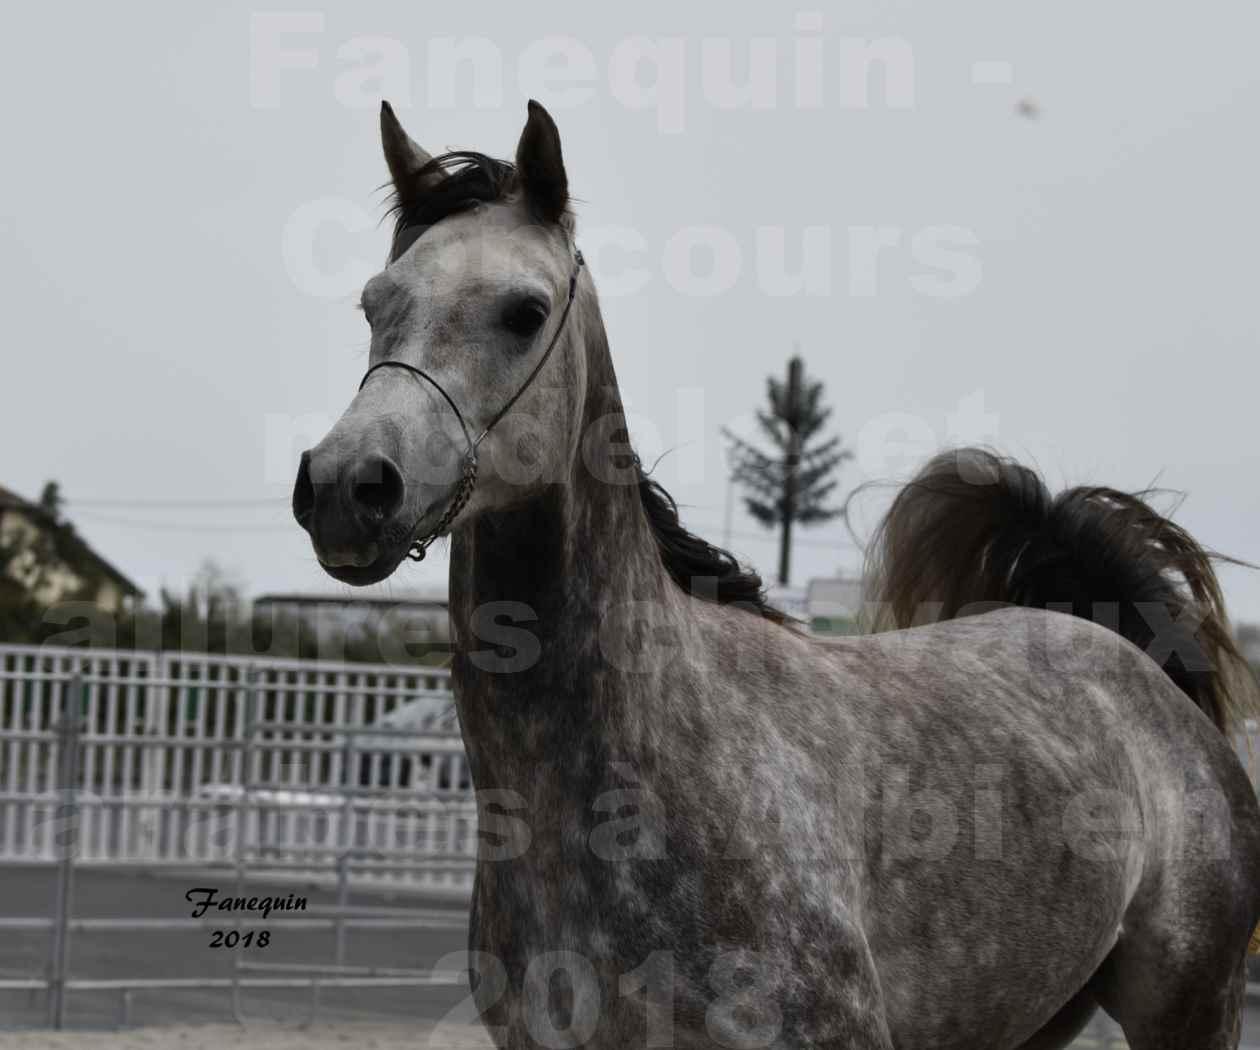 Concours d'élevage de Chevaux Arabes - Demi Sang Arabes - Anglo Arabes - ALBI les 6 & 7 Avril 2018 - PERCEVAL DE LAFON - Notre Sélection - Portraits - 03